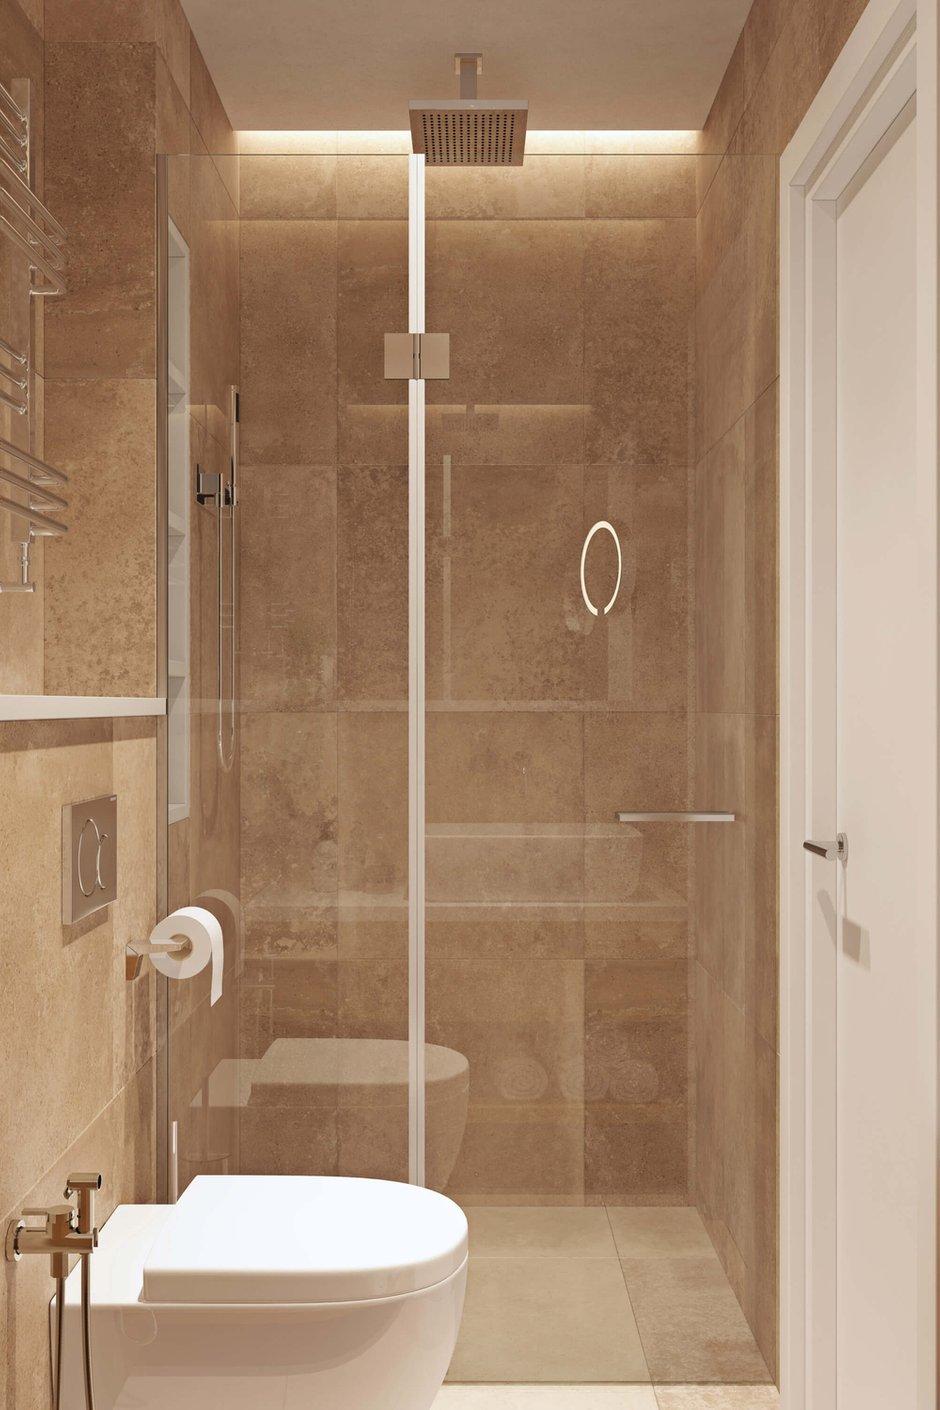 Фотография: Ванная в стиле Современный, Квартира, Проект недели, Geometrium, Монолитный дом, 3 комнаты, 60-90 метров, ЖК «Арт Casa Luna» – фото на INMYROOM